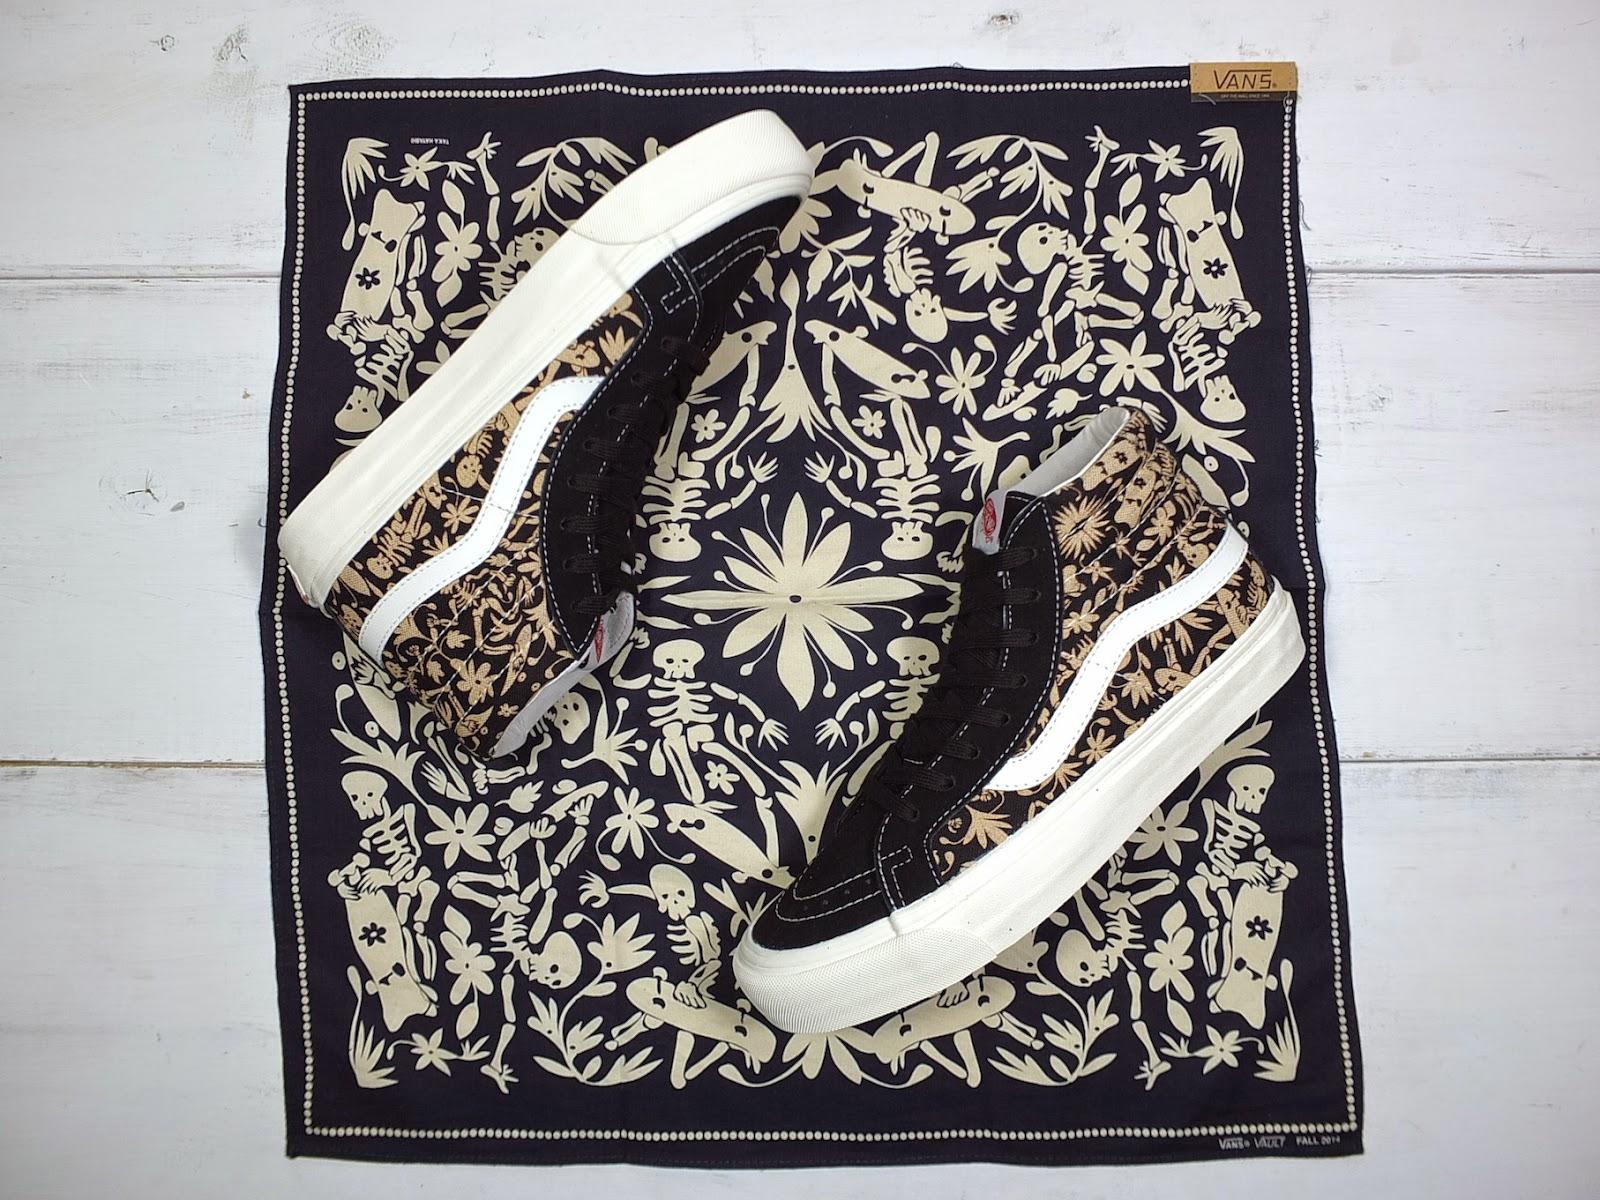 bcb57eea2c PROCEED Sneakers   Supplies  Vans Vault x Taka Hayashi